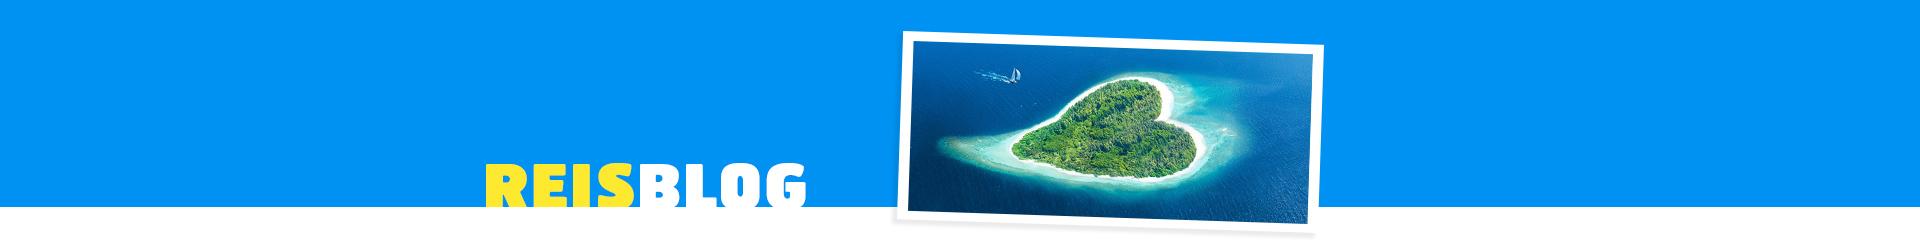 Prachtig hartvormig eiland, met helder blauwe zee en groene hart